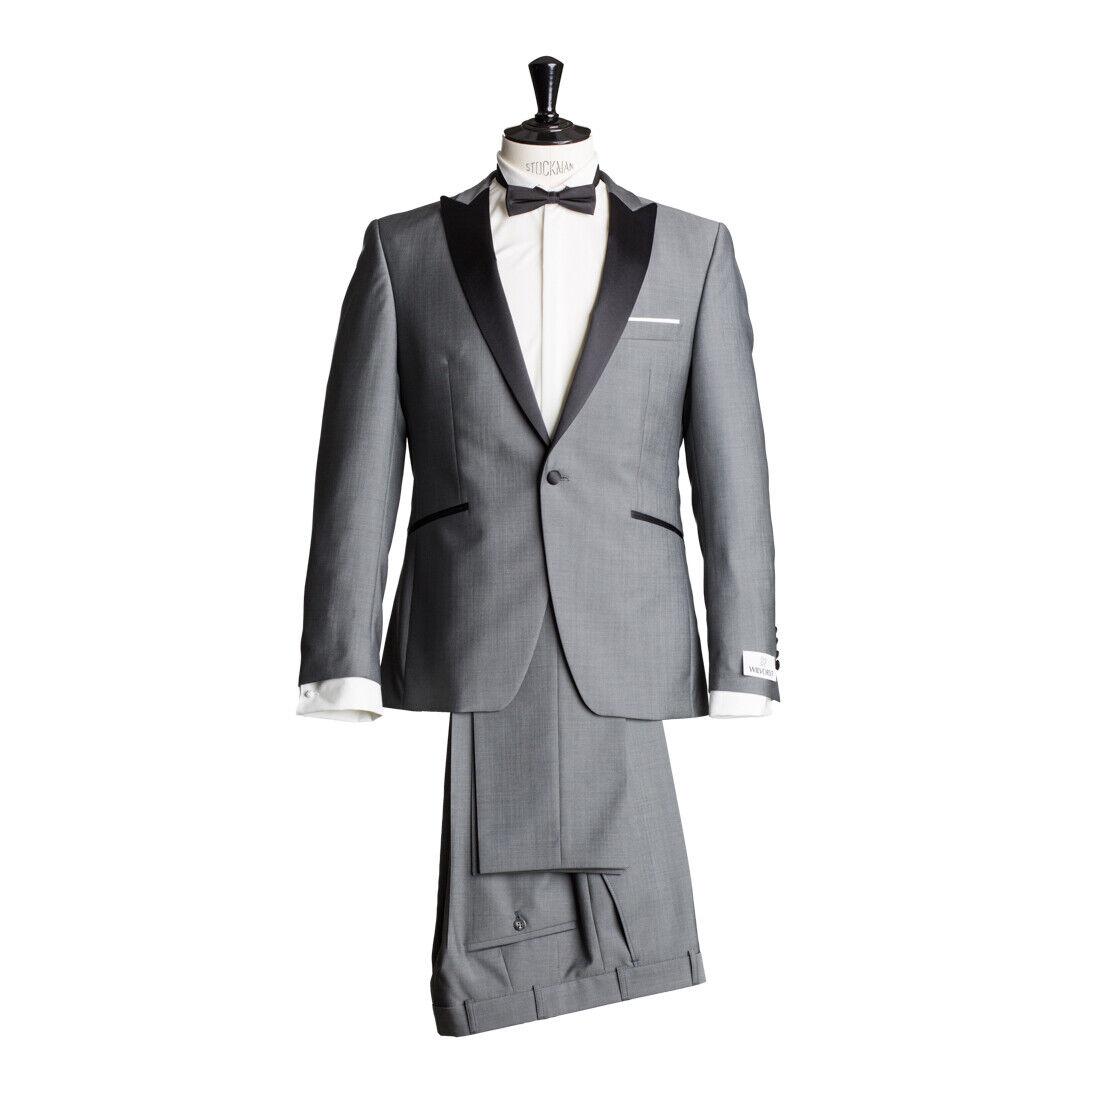 Details zu WILVORST Anzug Smoking Sakko Smoking Hose Grau Drop8 Tailliert Wolle Mohairwolle